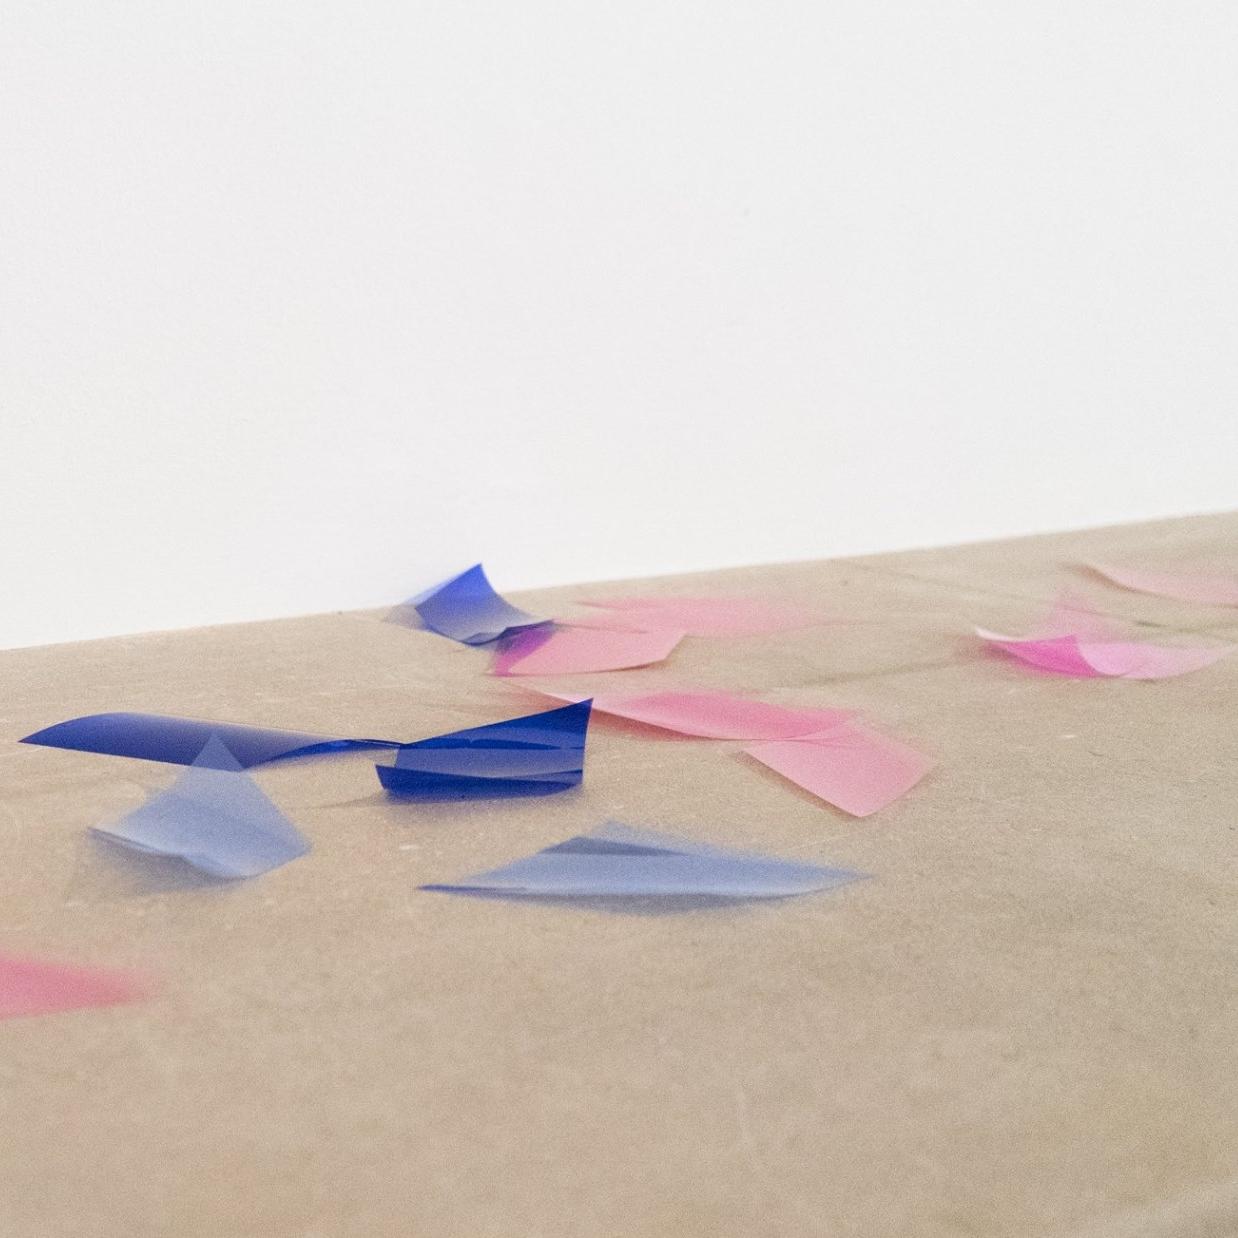 Casper White,  installation view